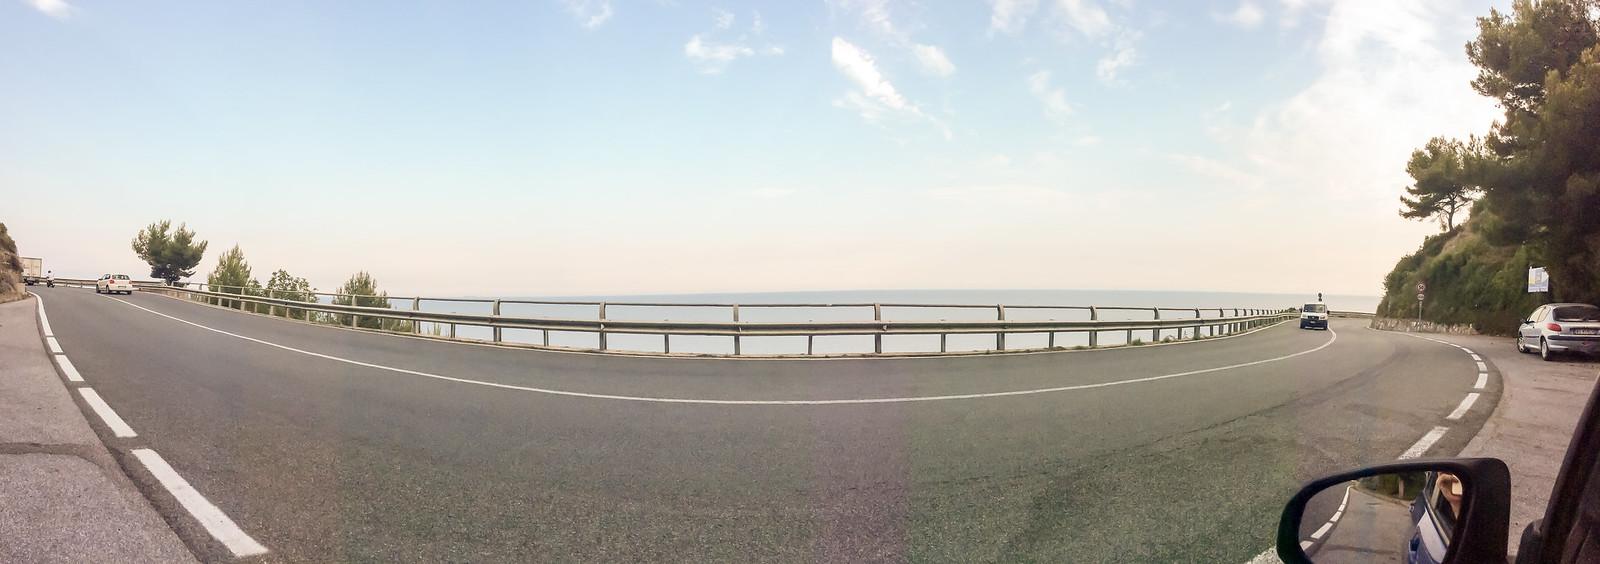 Мы решили сразу не возвращаться на автостраду, а прокатиться немного вдоль побережья.